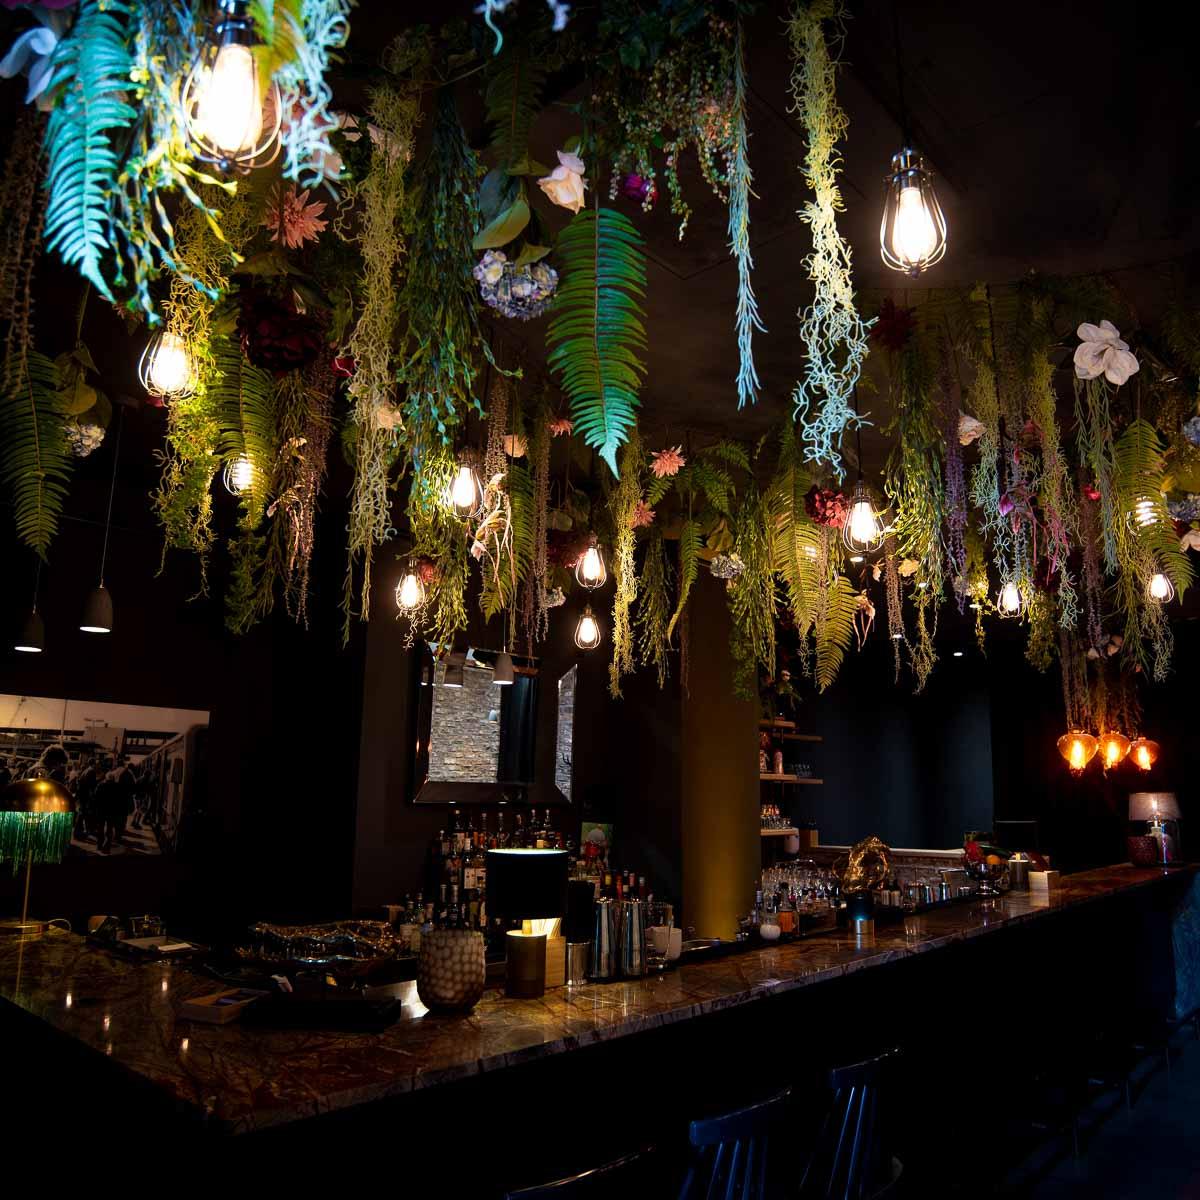 Altbau Bar im Rosegarden in Berlin-Mitte